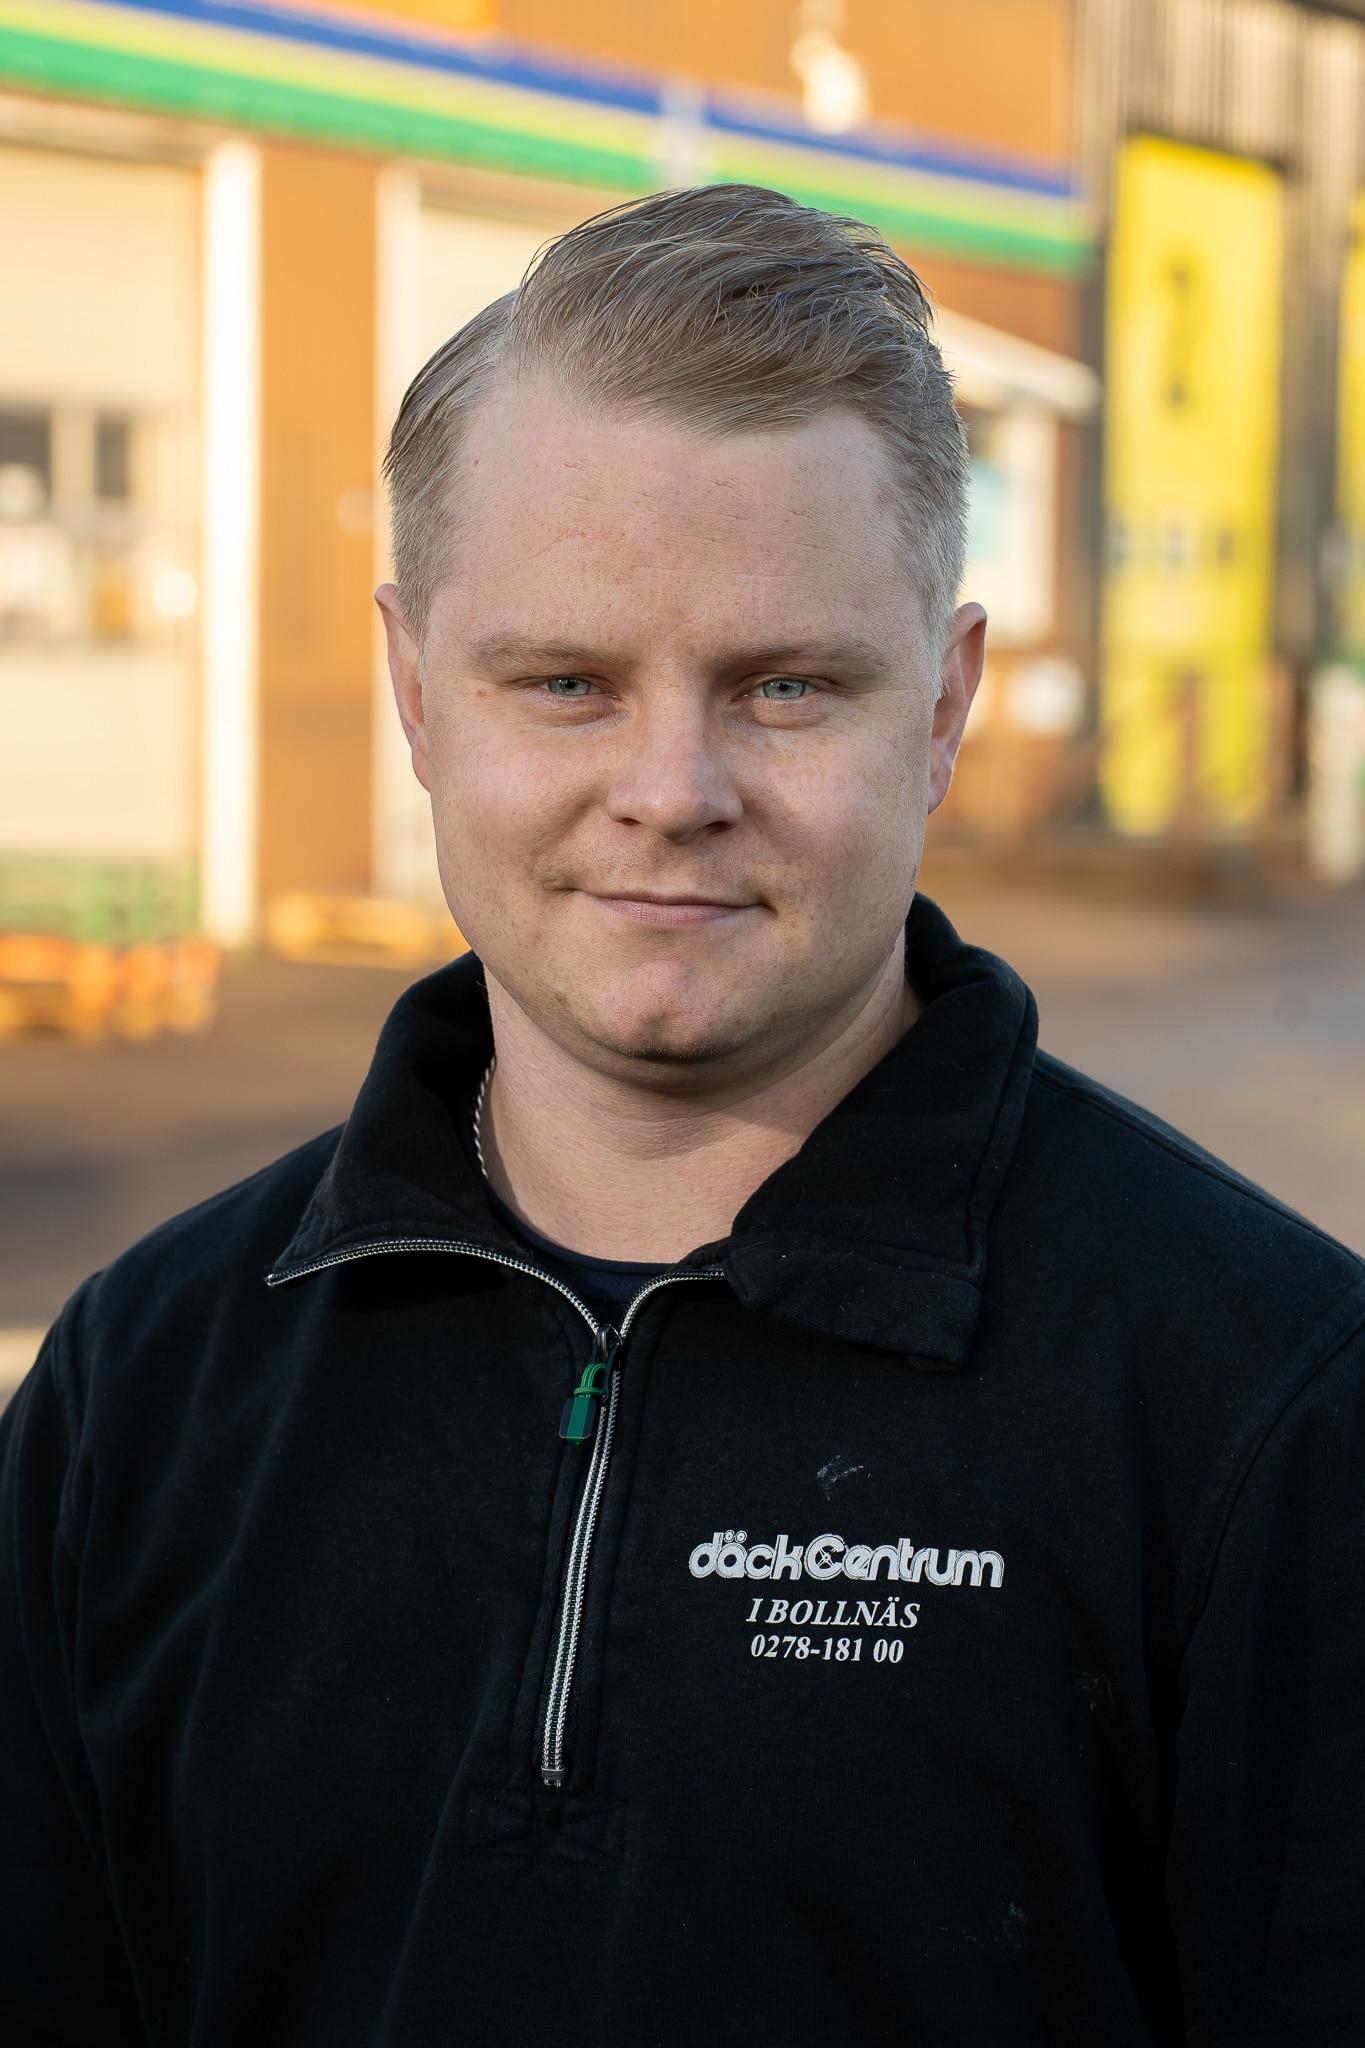 Anton Högberg Däckab Däckcentrum Bollnäs. Foto: Morgan Grip / Mediamakarna Grip